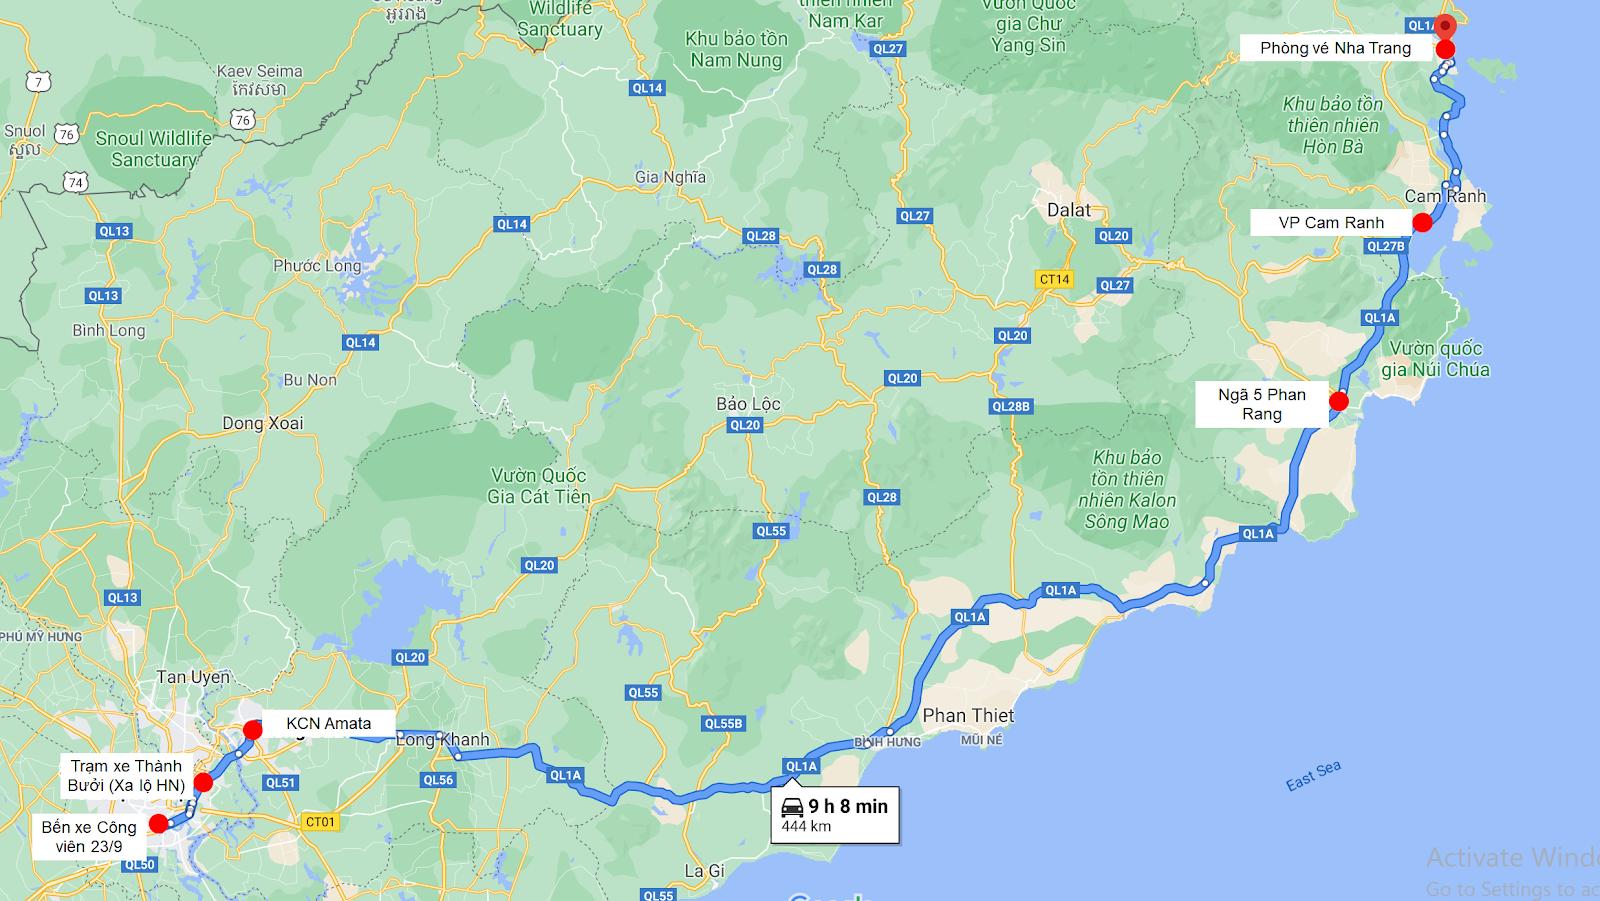 Lộ trình của nhà xe Trà Lan Viên đi Nha Trang